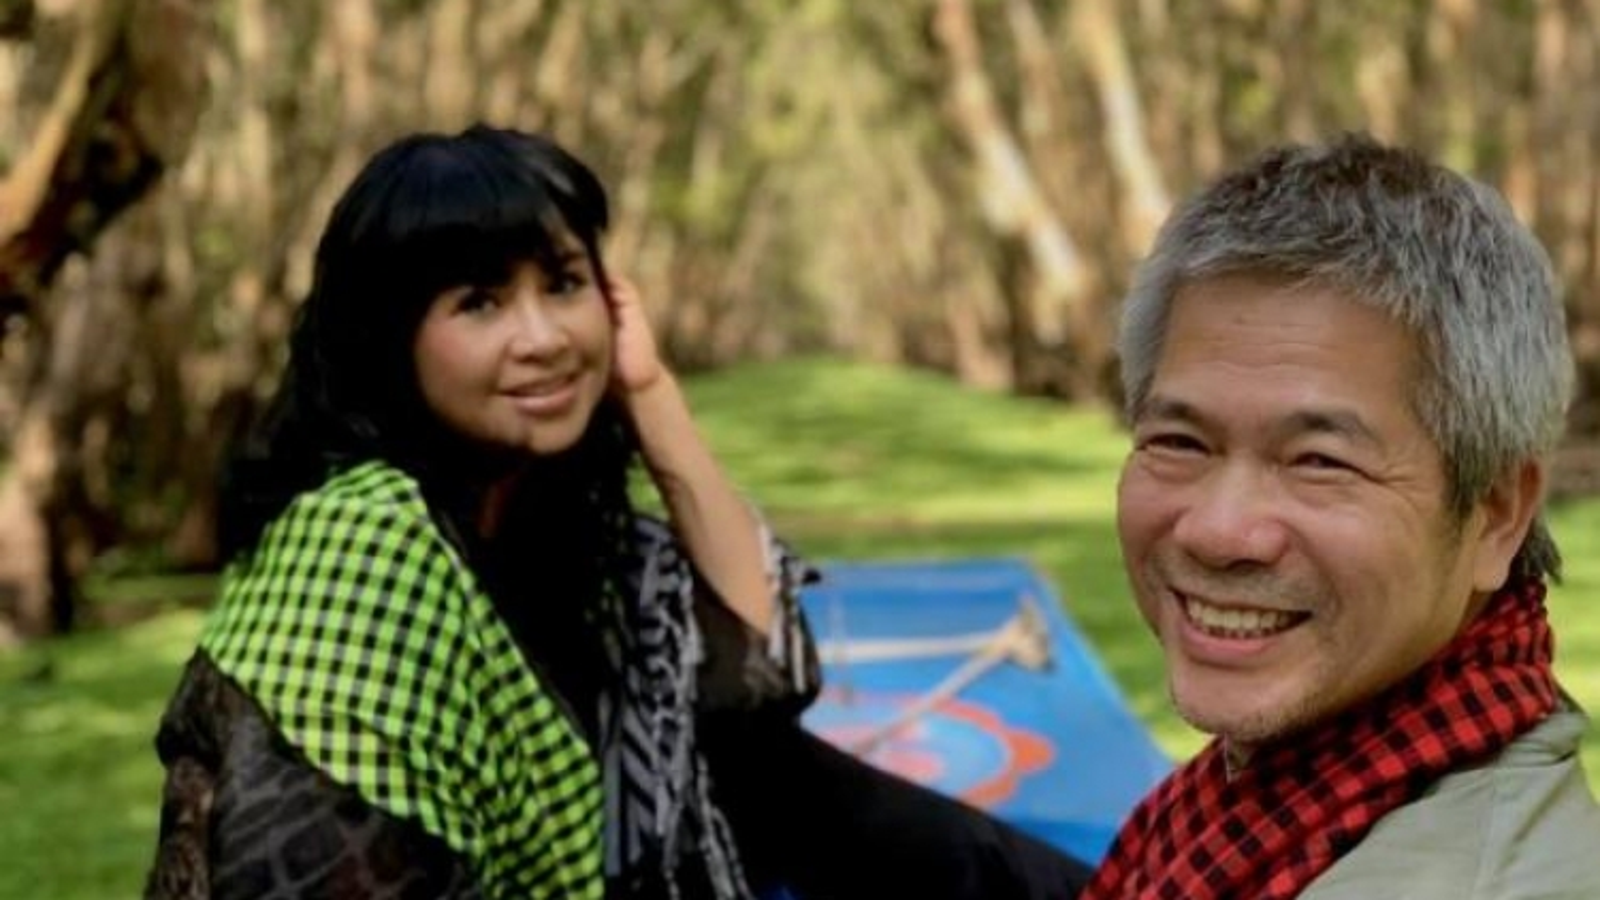 Chuyện showbiz: Thanh Lam tình tứ bên bạn trai bác sĩ trong chuyến du lịch riêng